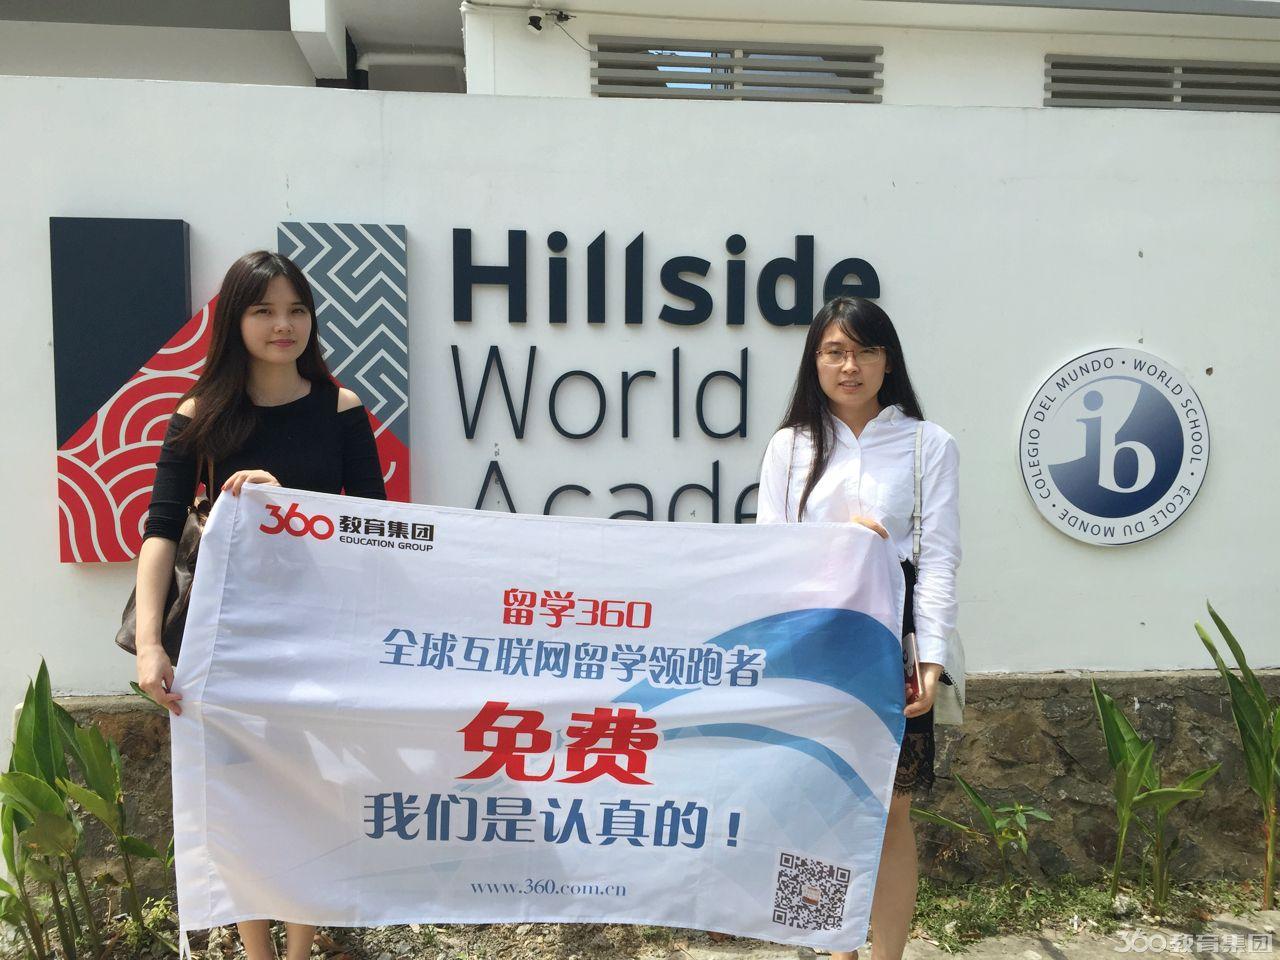 """HWA这一简称的发音与汉字""""华""""的发音相似,体现了我们在IB课程三个学段* 的教学过程中对于中文和中华文化学习的重视。作为一所国际学校,我们拥有来自世界各地30多个国家的学生和来自15个国家的资深IB教师。"""